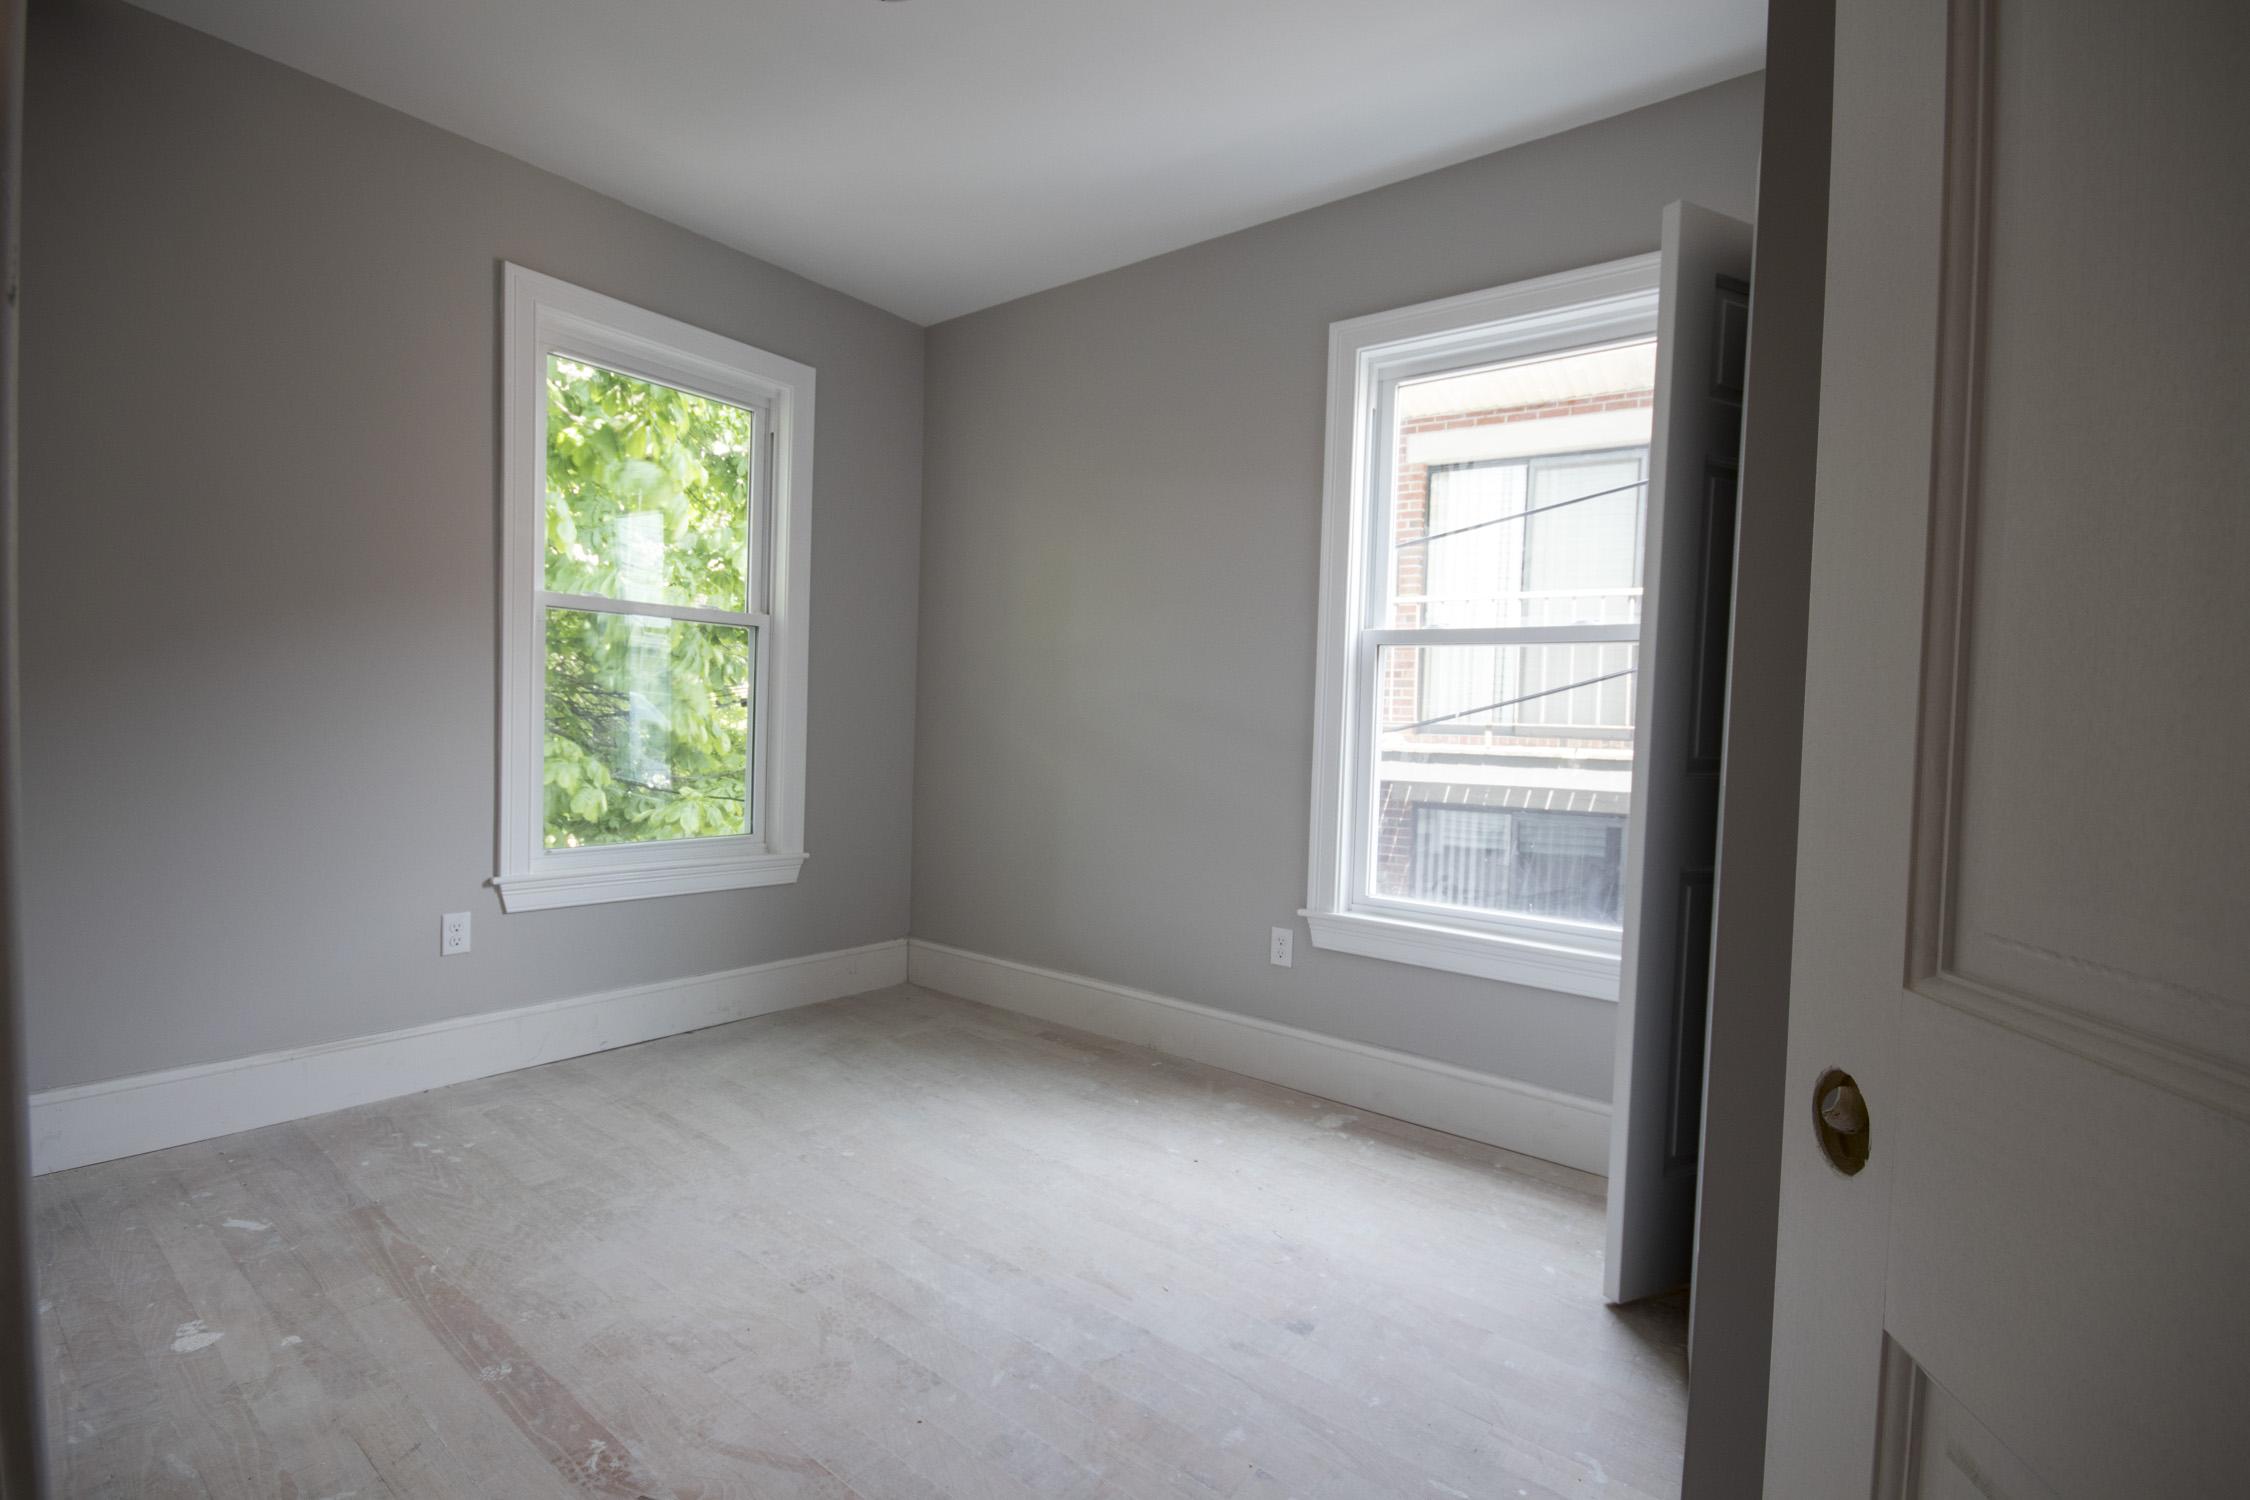 25 Darling Street Boston General Contractor P Northeast Contractors_104